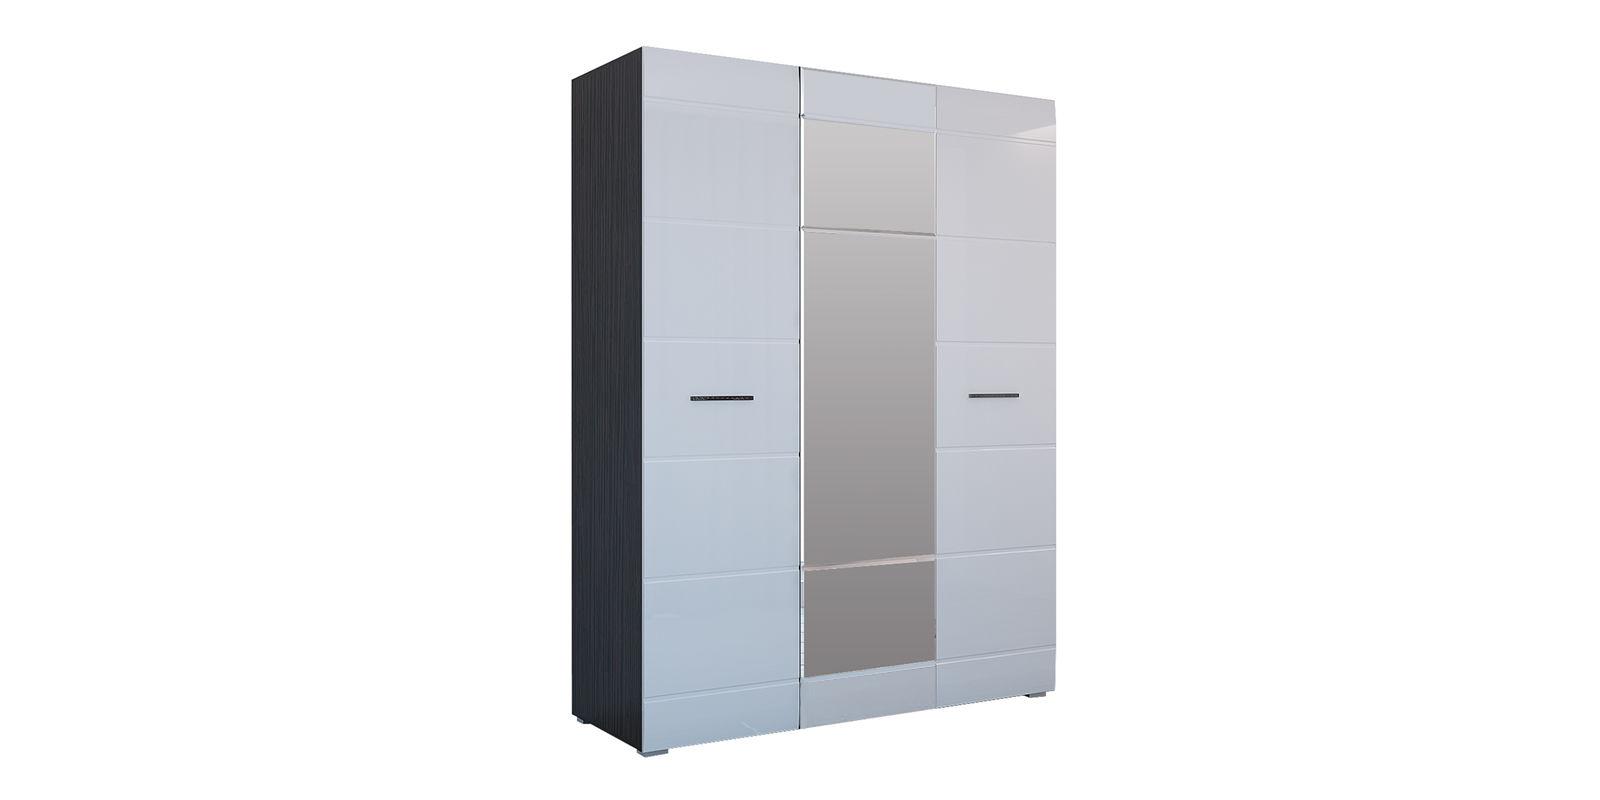 Шкаф распашной трехдверный Римини (венге/белый глянец)